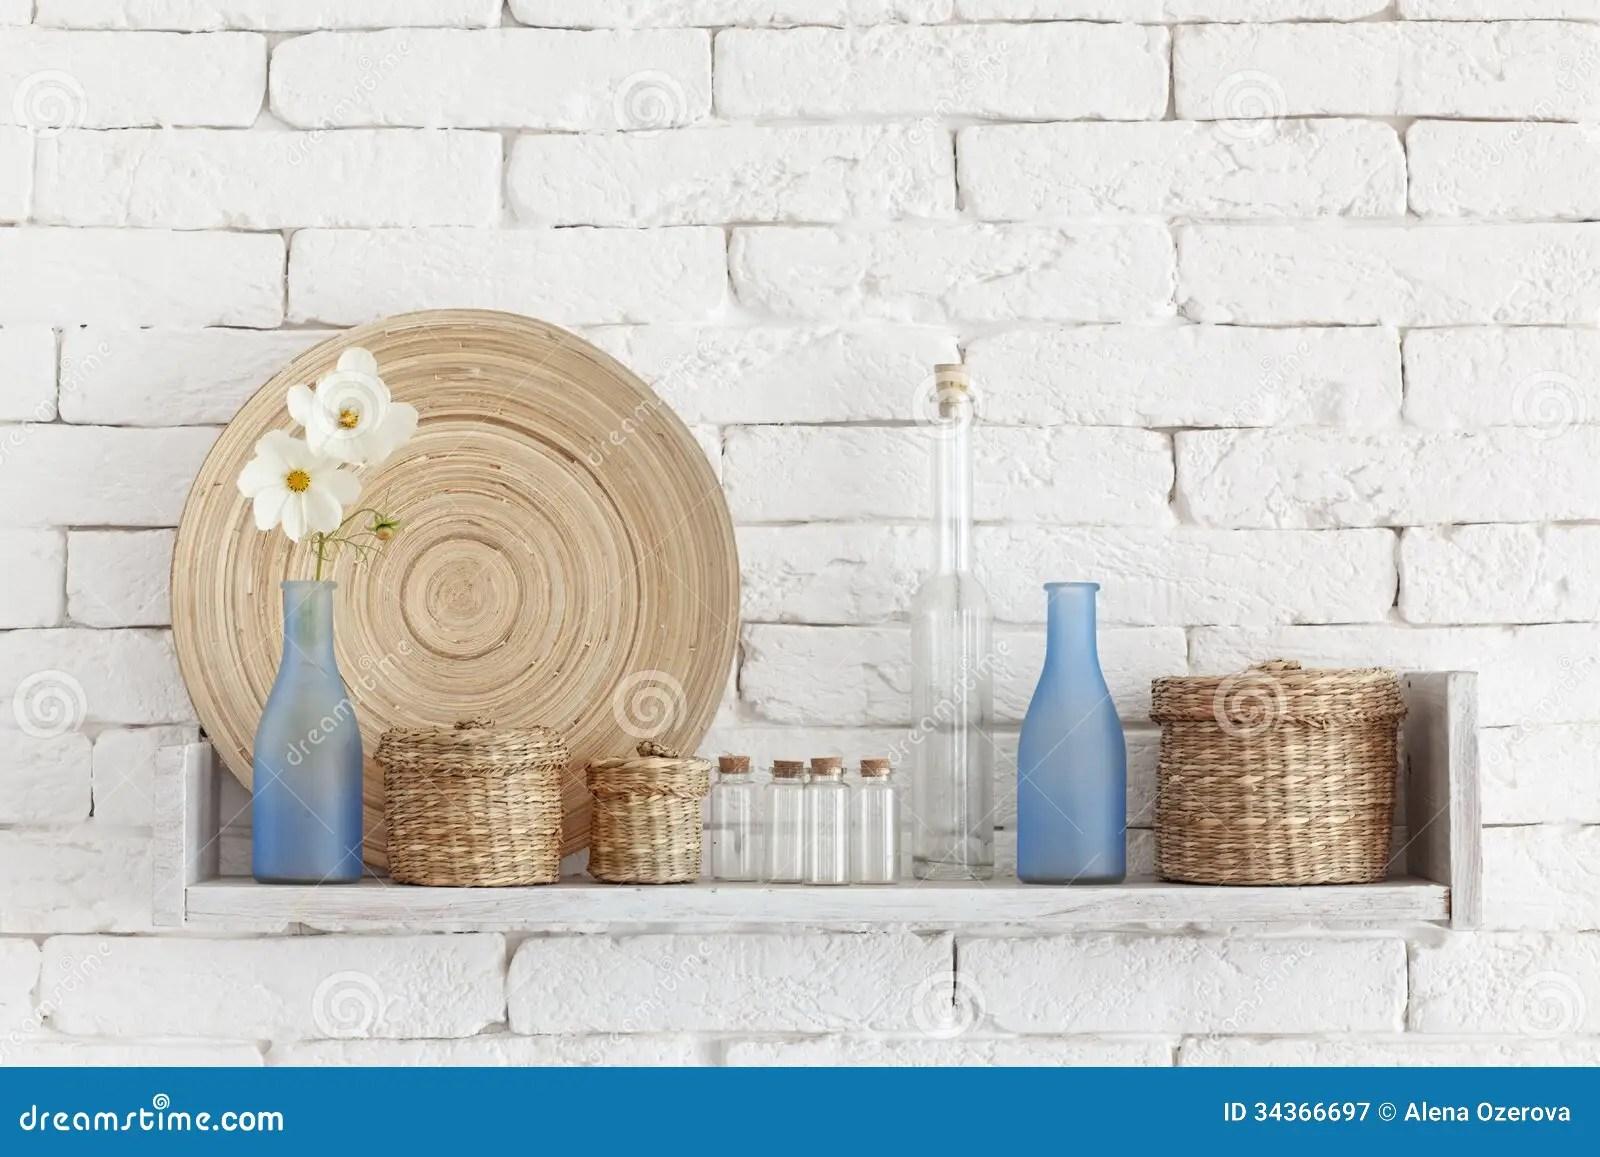 Decorative Shelf Royalty Free Stock Photography Image